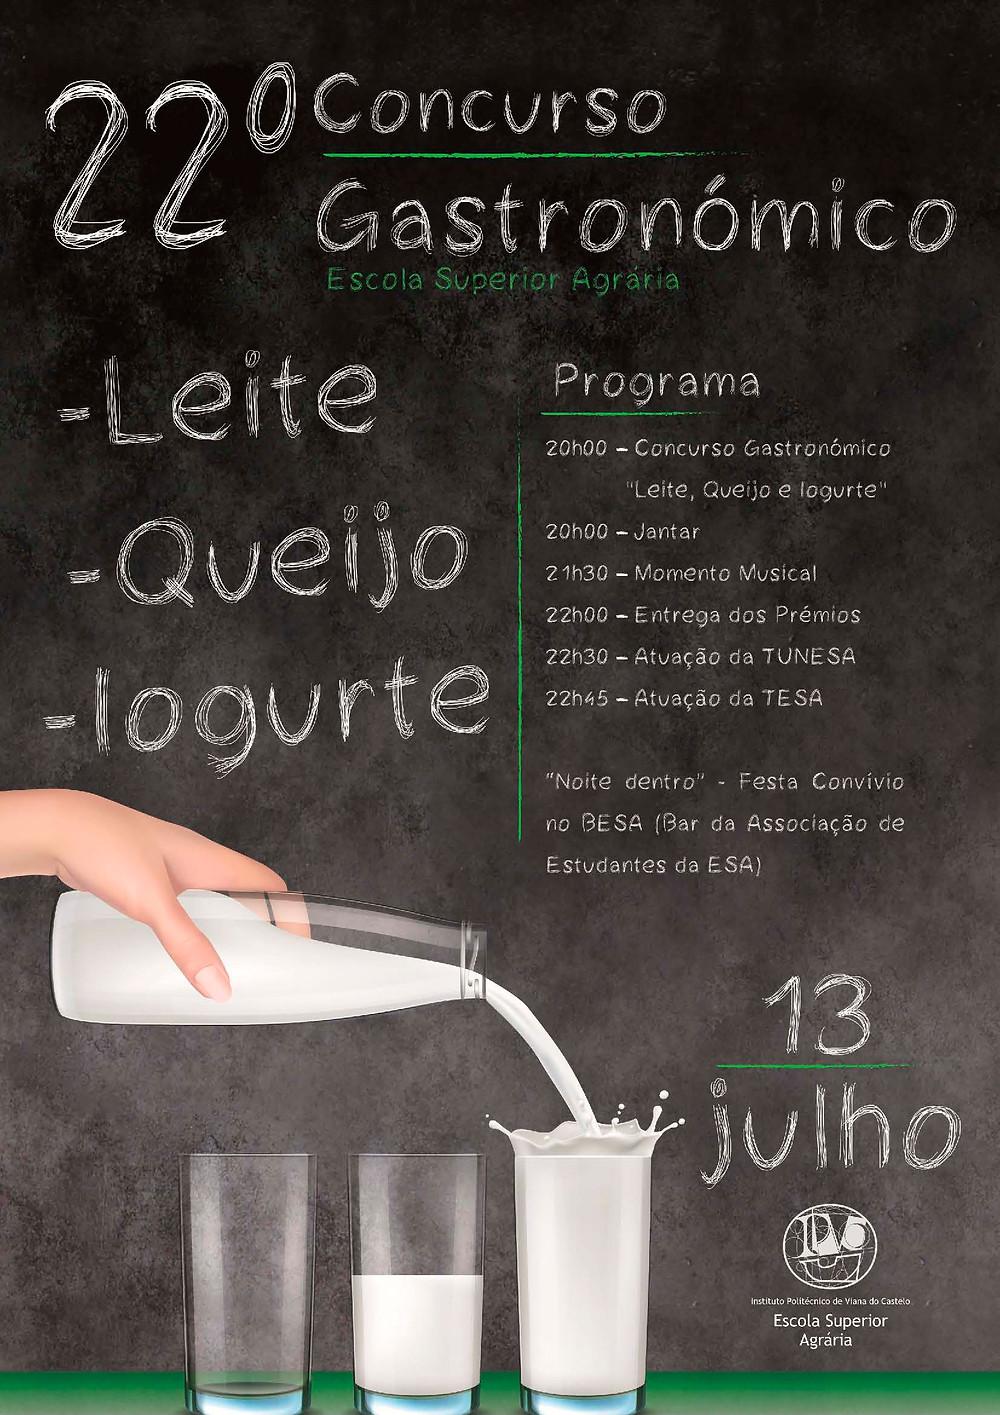 ESA-IPVC promove 22ª edição do concurso gastronómico dia 13 de julho   Peneda Gerês TV